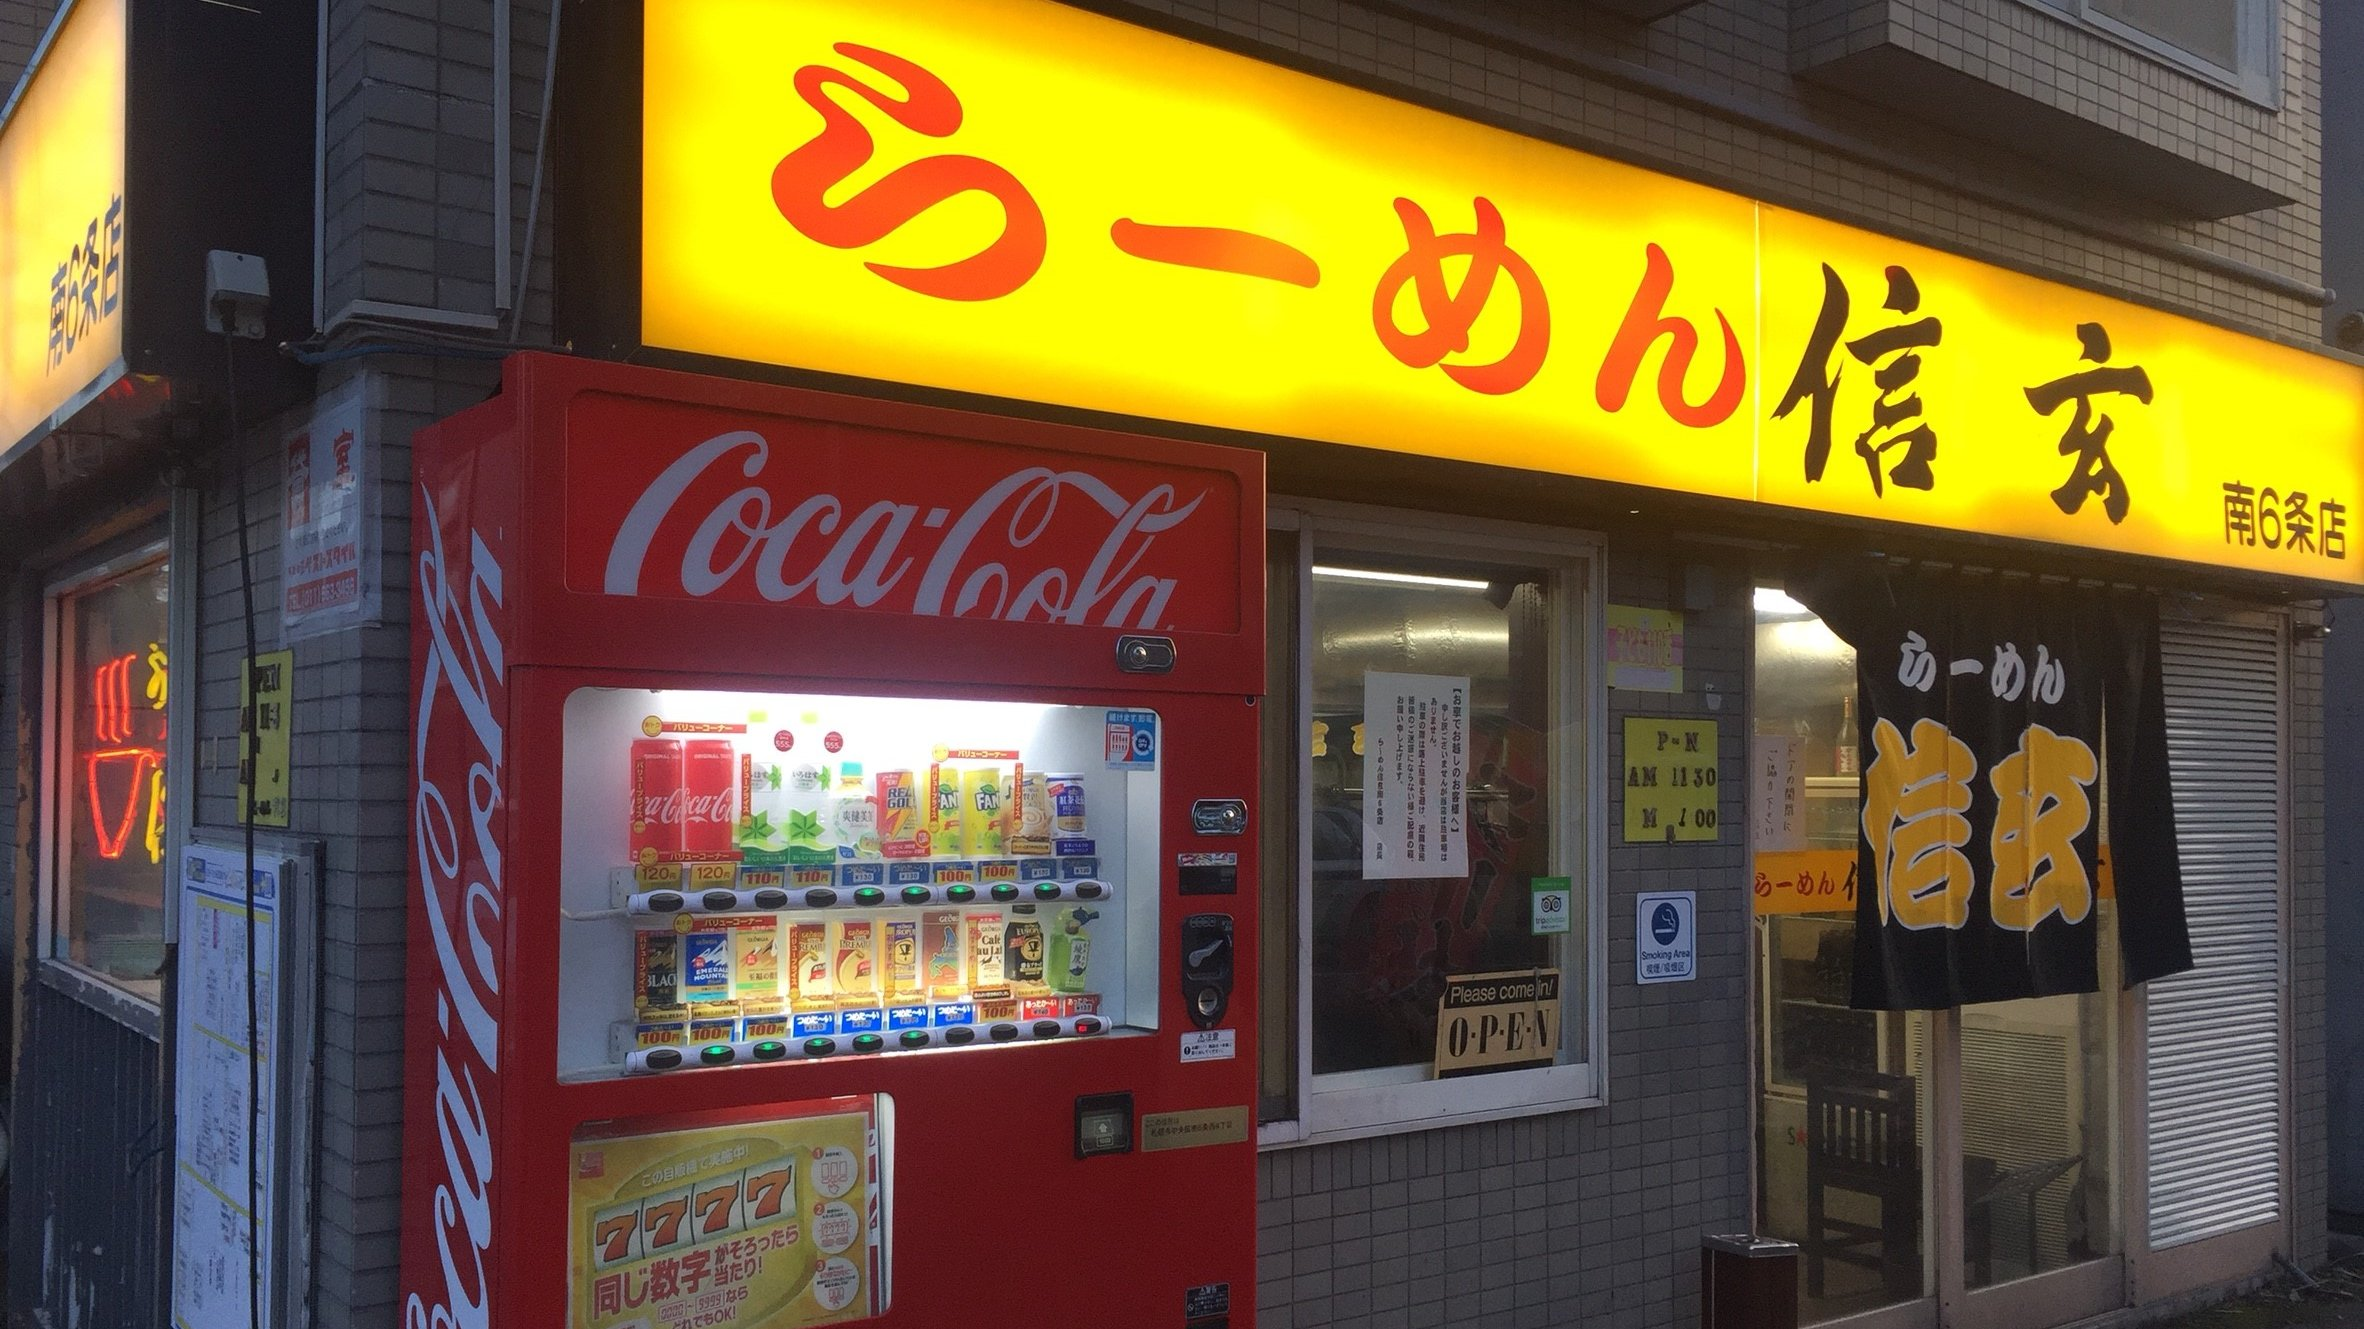 【札幌グルメ情報】らーめん信玄の味噌ラーメンはちぢれ麺にスープが良く絡んで絶品!【ラーメン】